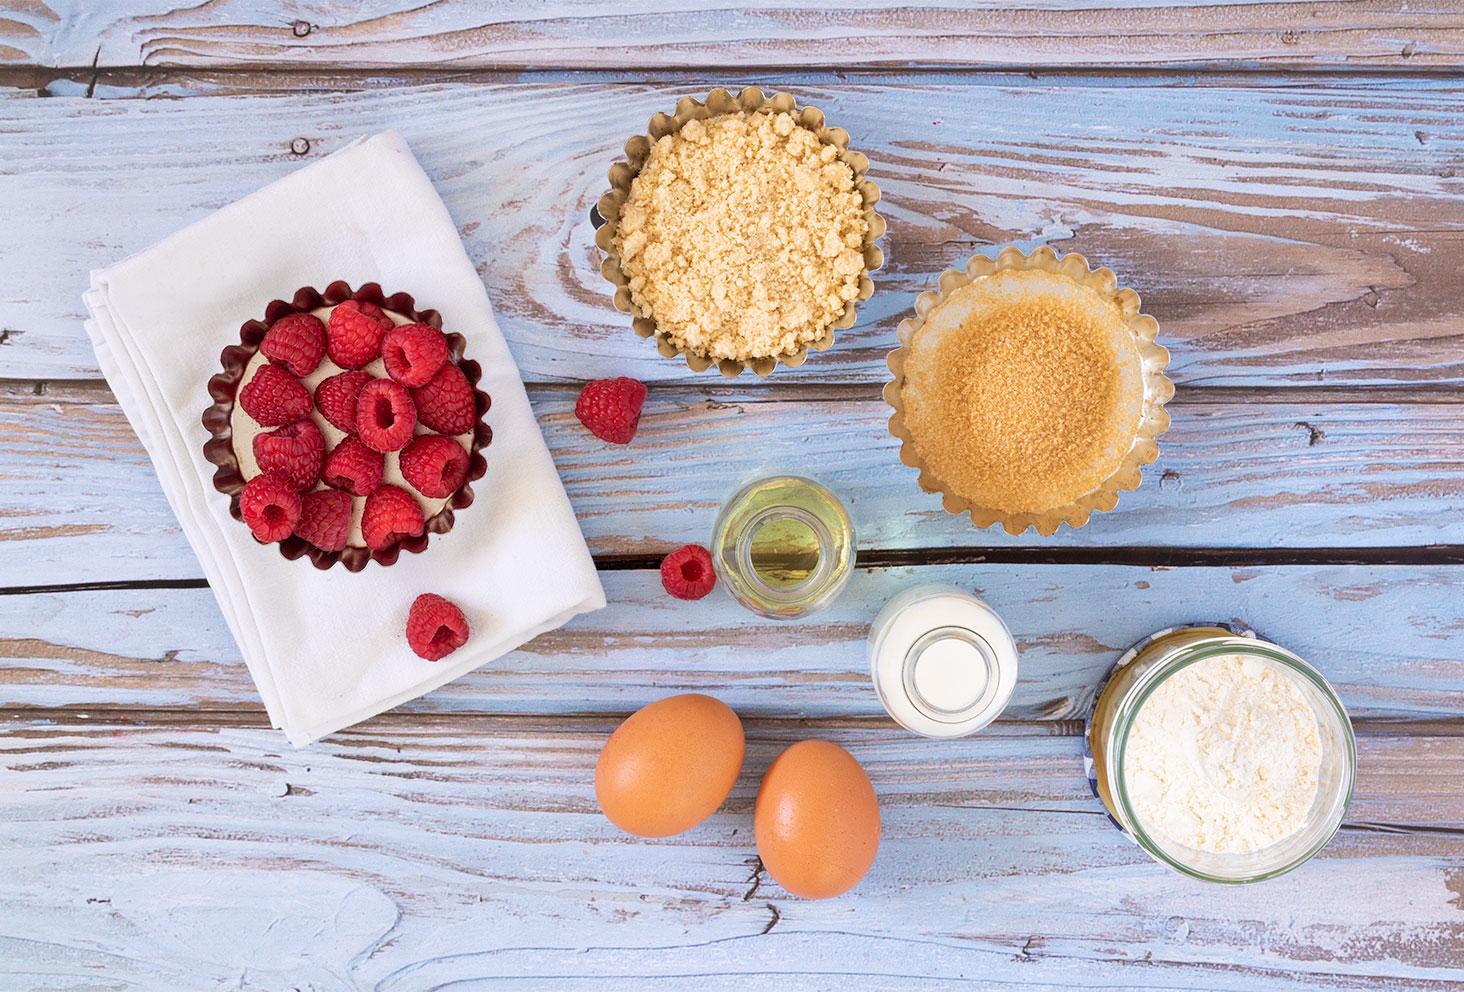 Les ingrédients nécessaires à la réalisations de muffins moelleux aux framboises et à la noisette